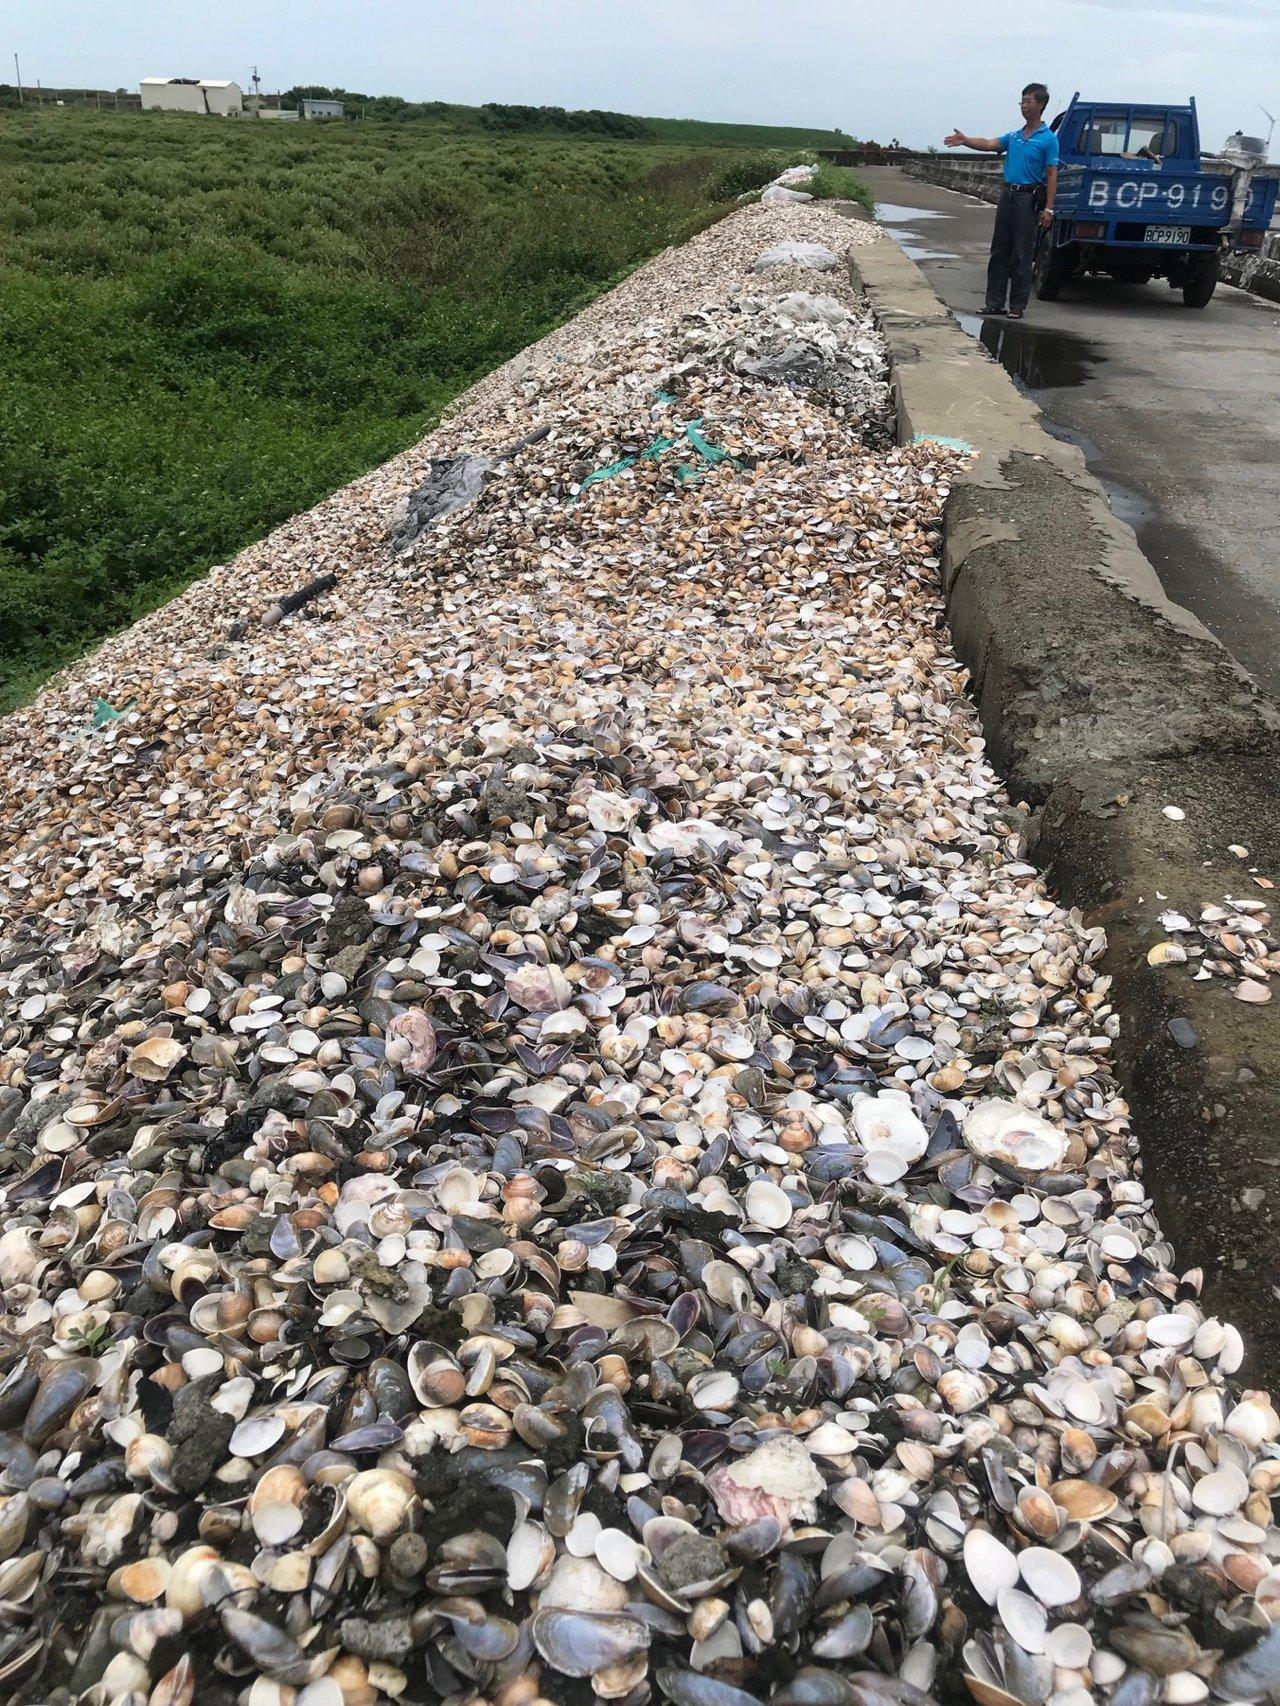 文蛤大量死亡,現在在堤岸邊愈來愈多文蛤殼到處亂倒,堆積如小山坡,文蛤農籲政府應該...